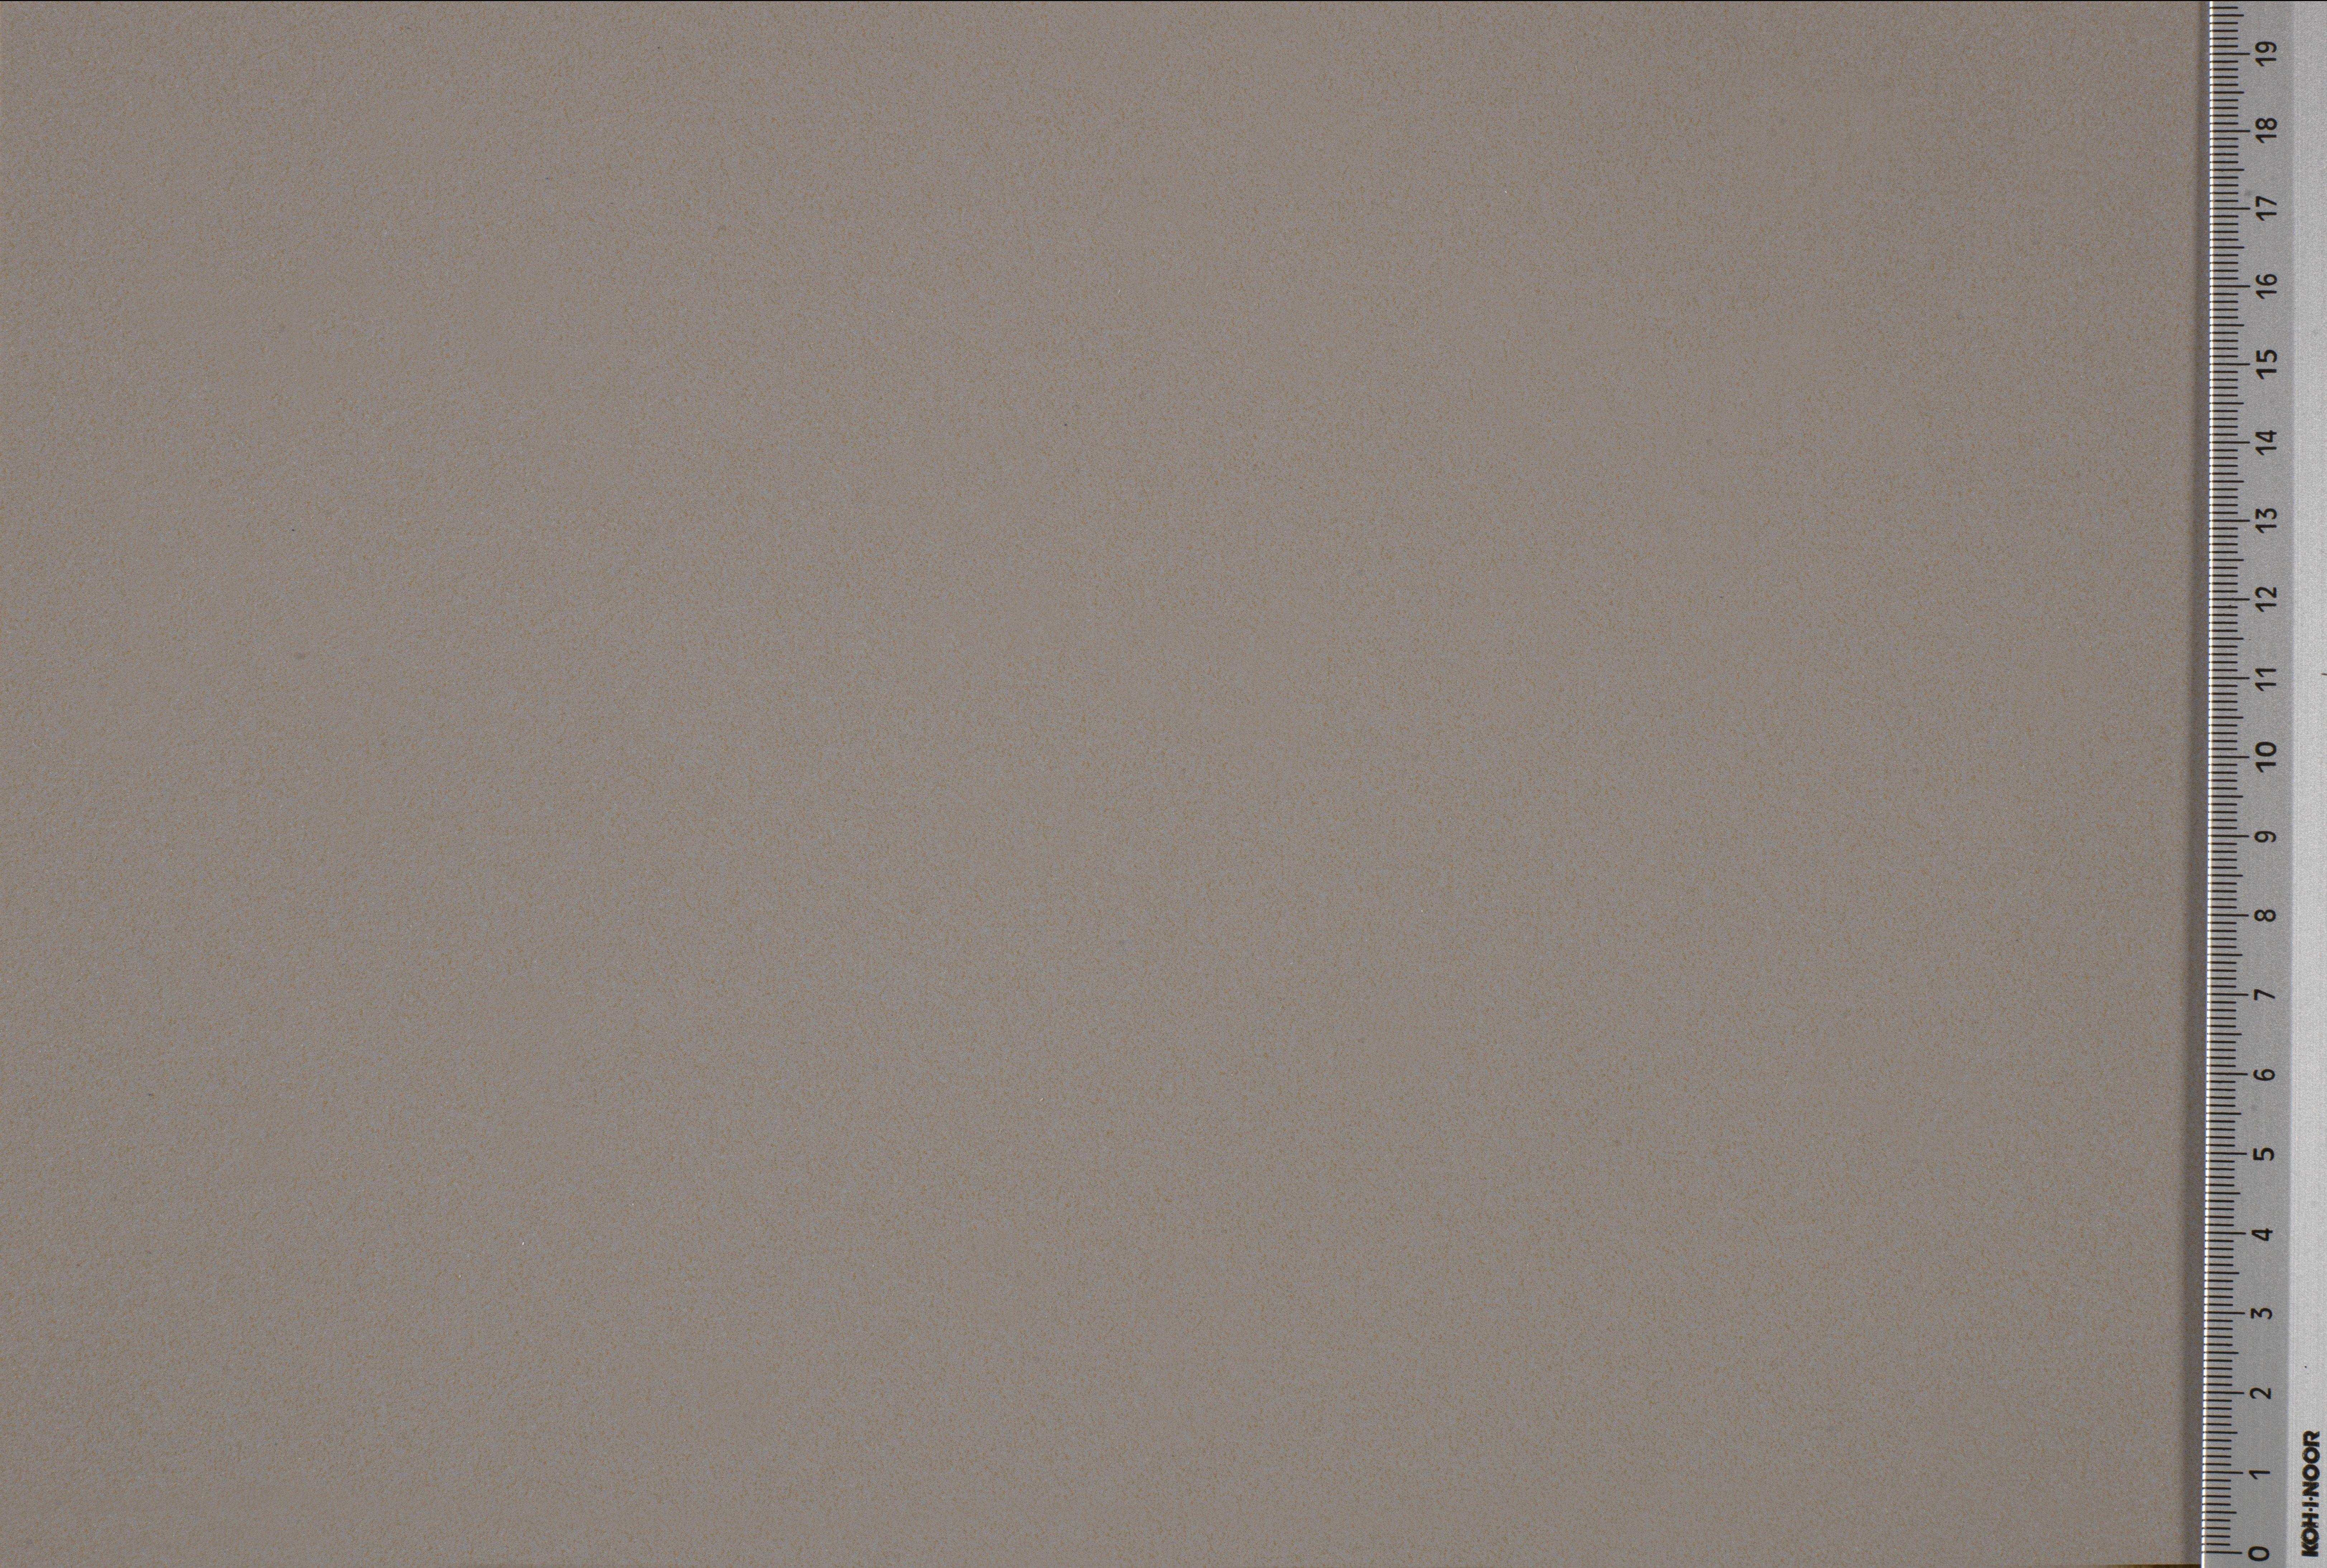 Zinco Doha 2628 Wilsonart Velvet Textures Laminate Sheets